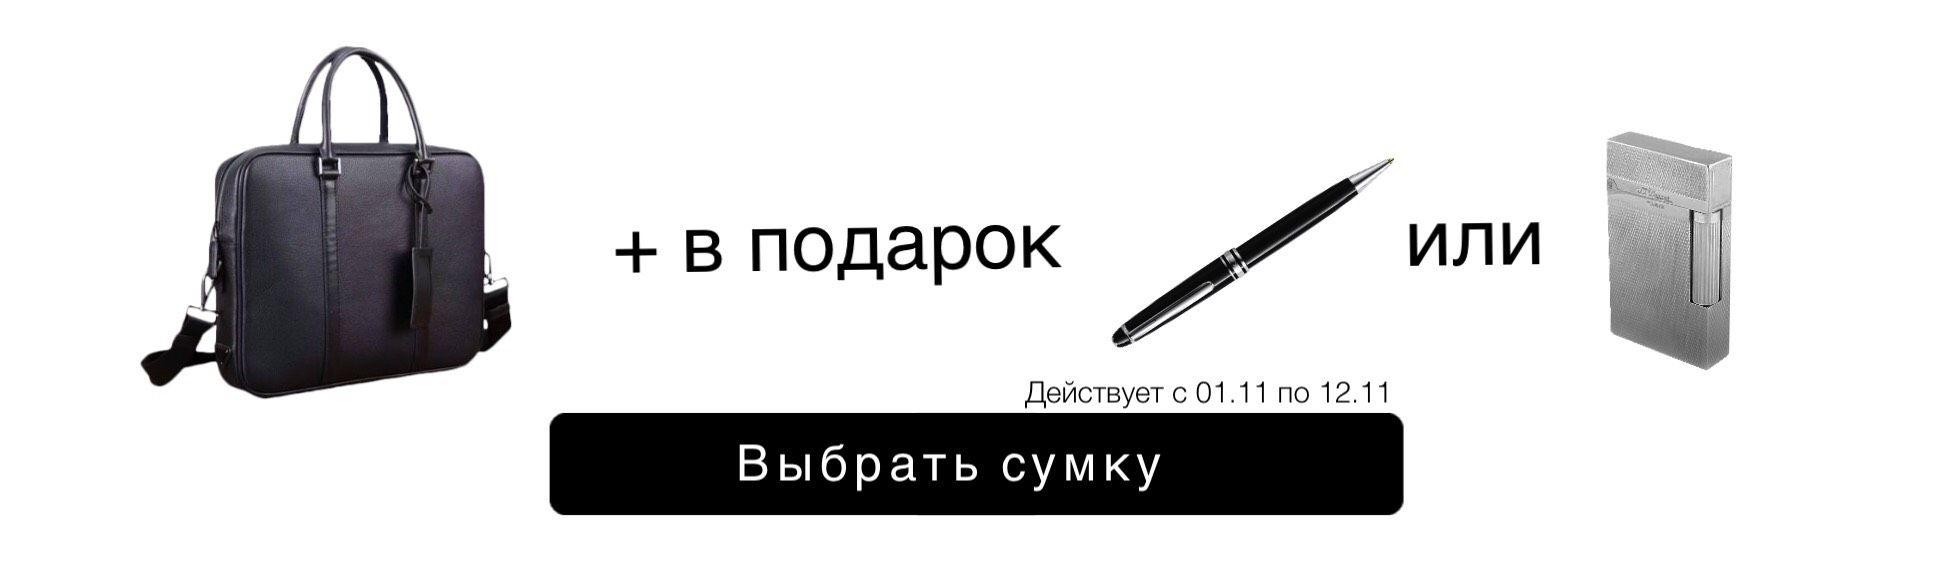 ПОДАРОК брендовая ручка или зажигалка при покупке мужской сумки из каталога